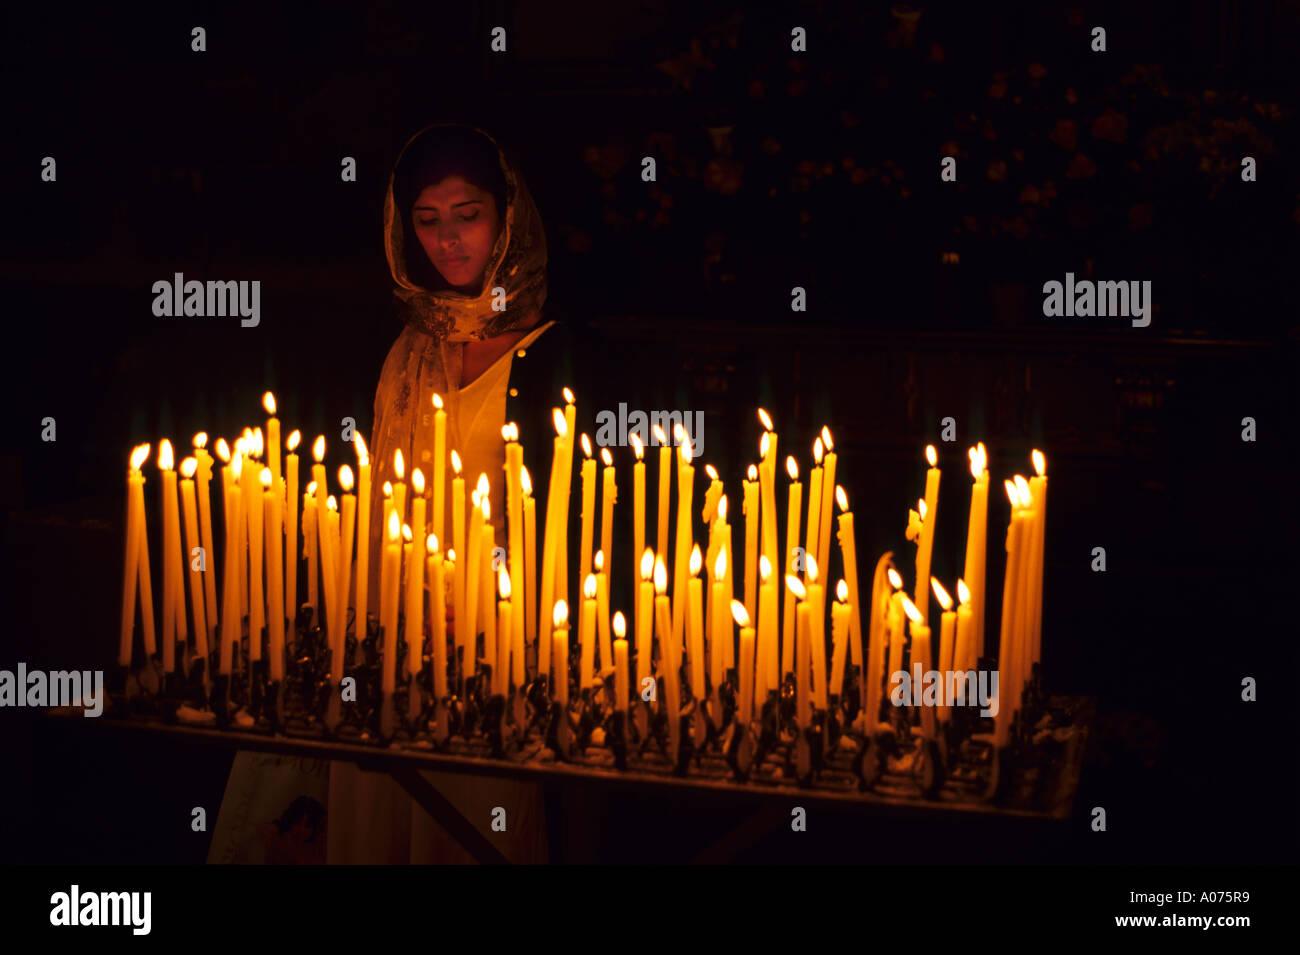 A woman lighting prayer candles inside a Catholic Church in Italy. & A woman lighting prayer candles inside a Catholic Church in Italy ...